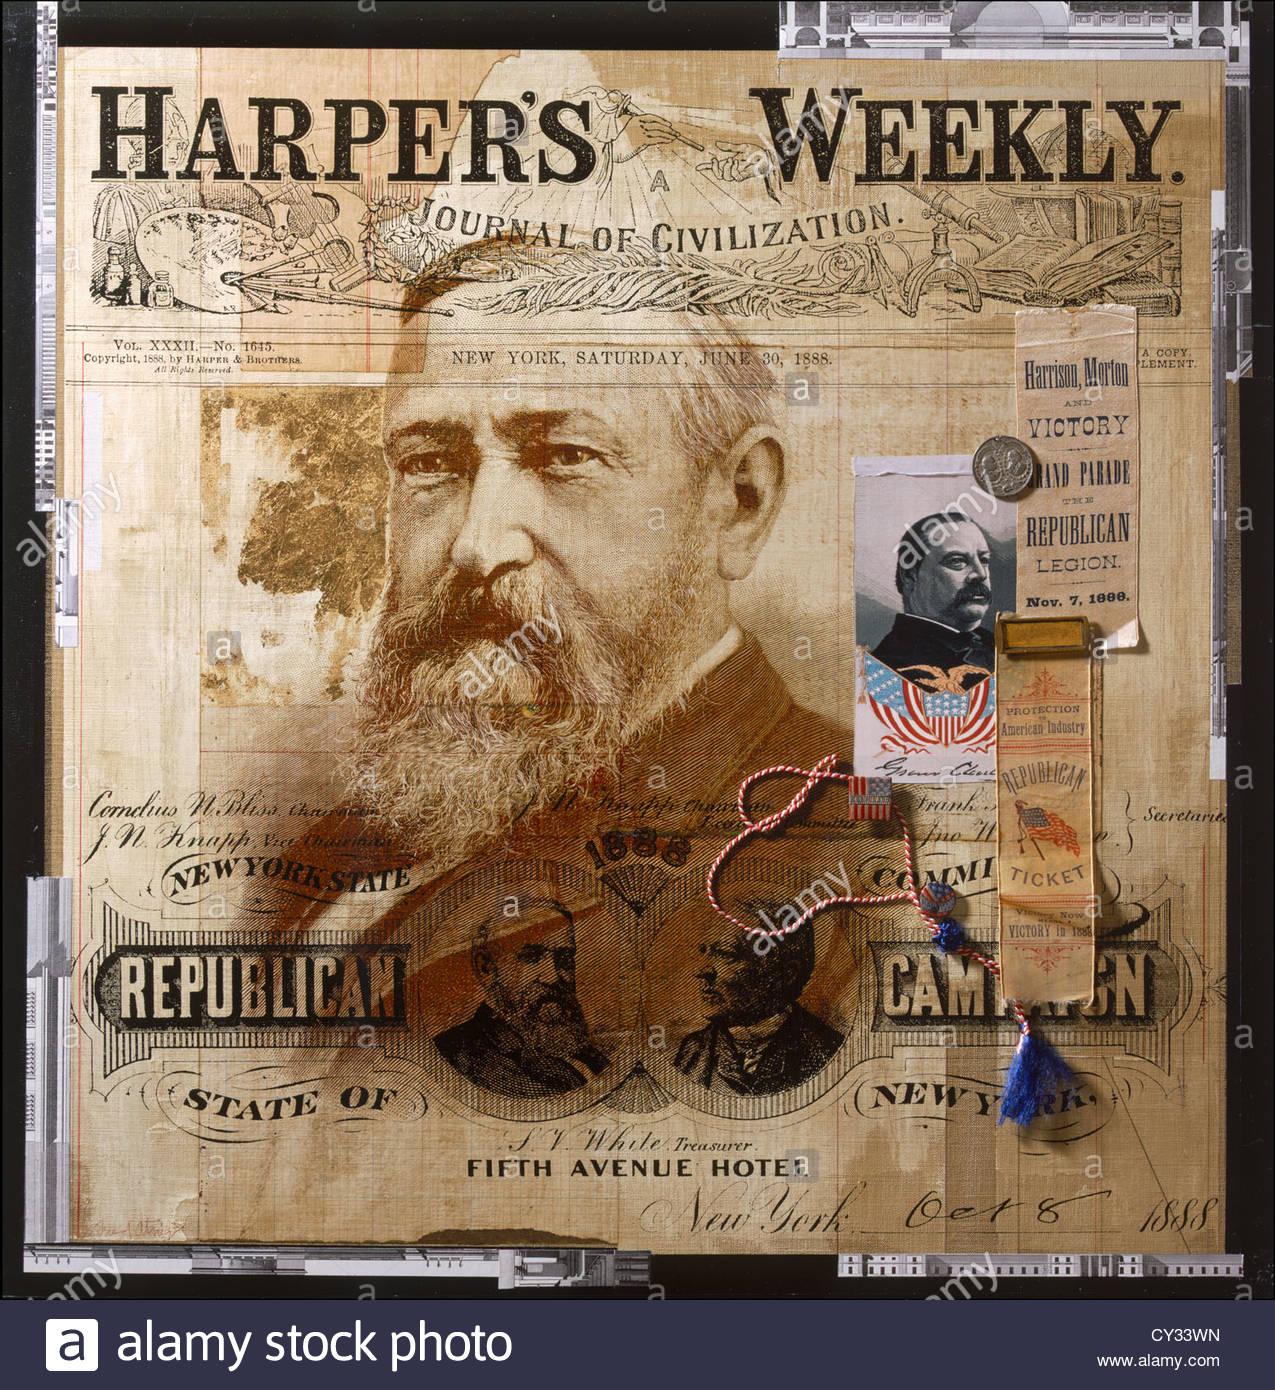 Eine Collage verfügt über amerikanische Politiker des 19. Jahrhunderts. Stockbild